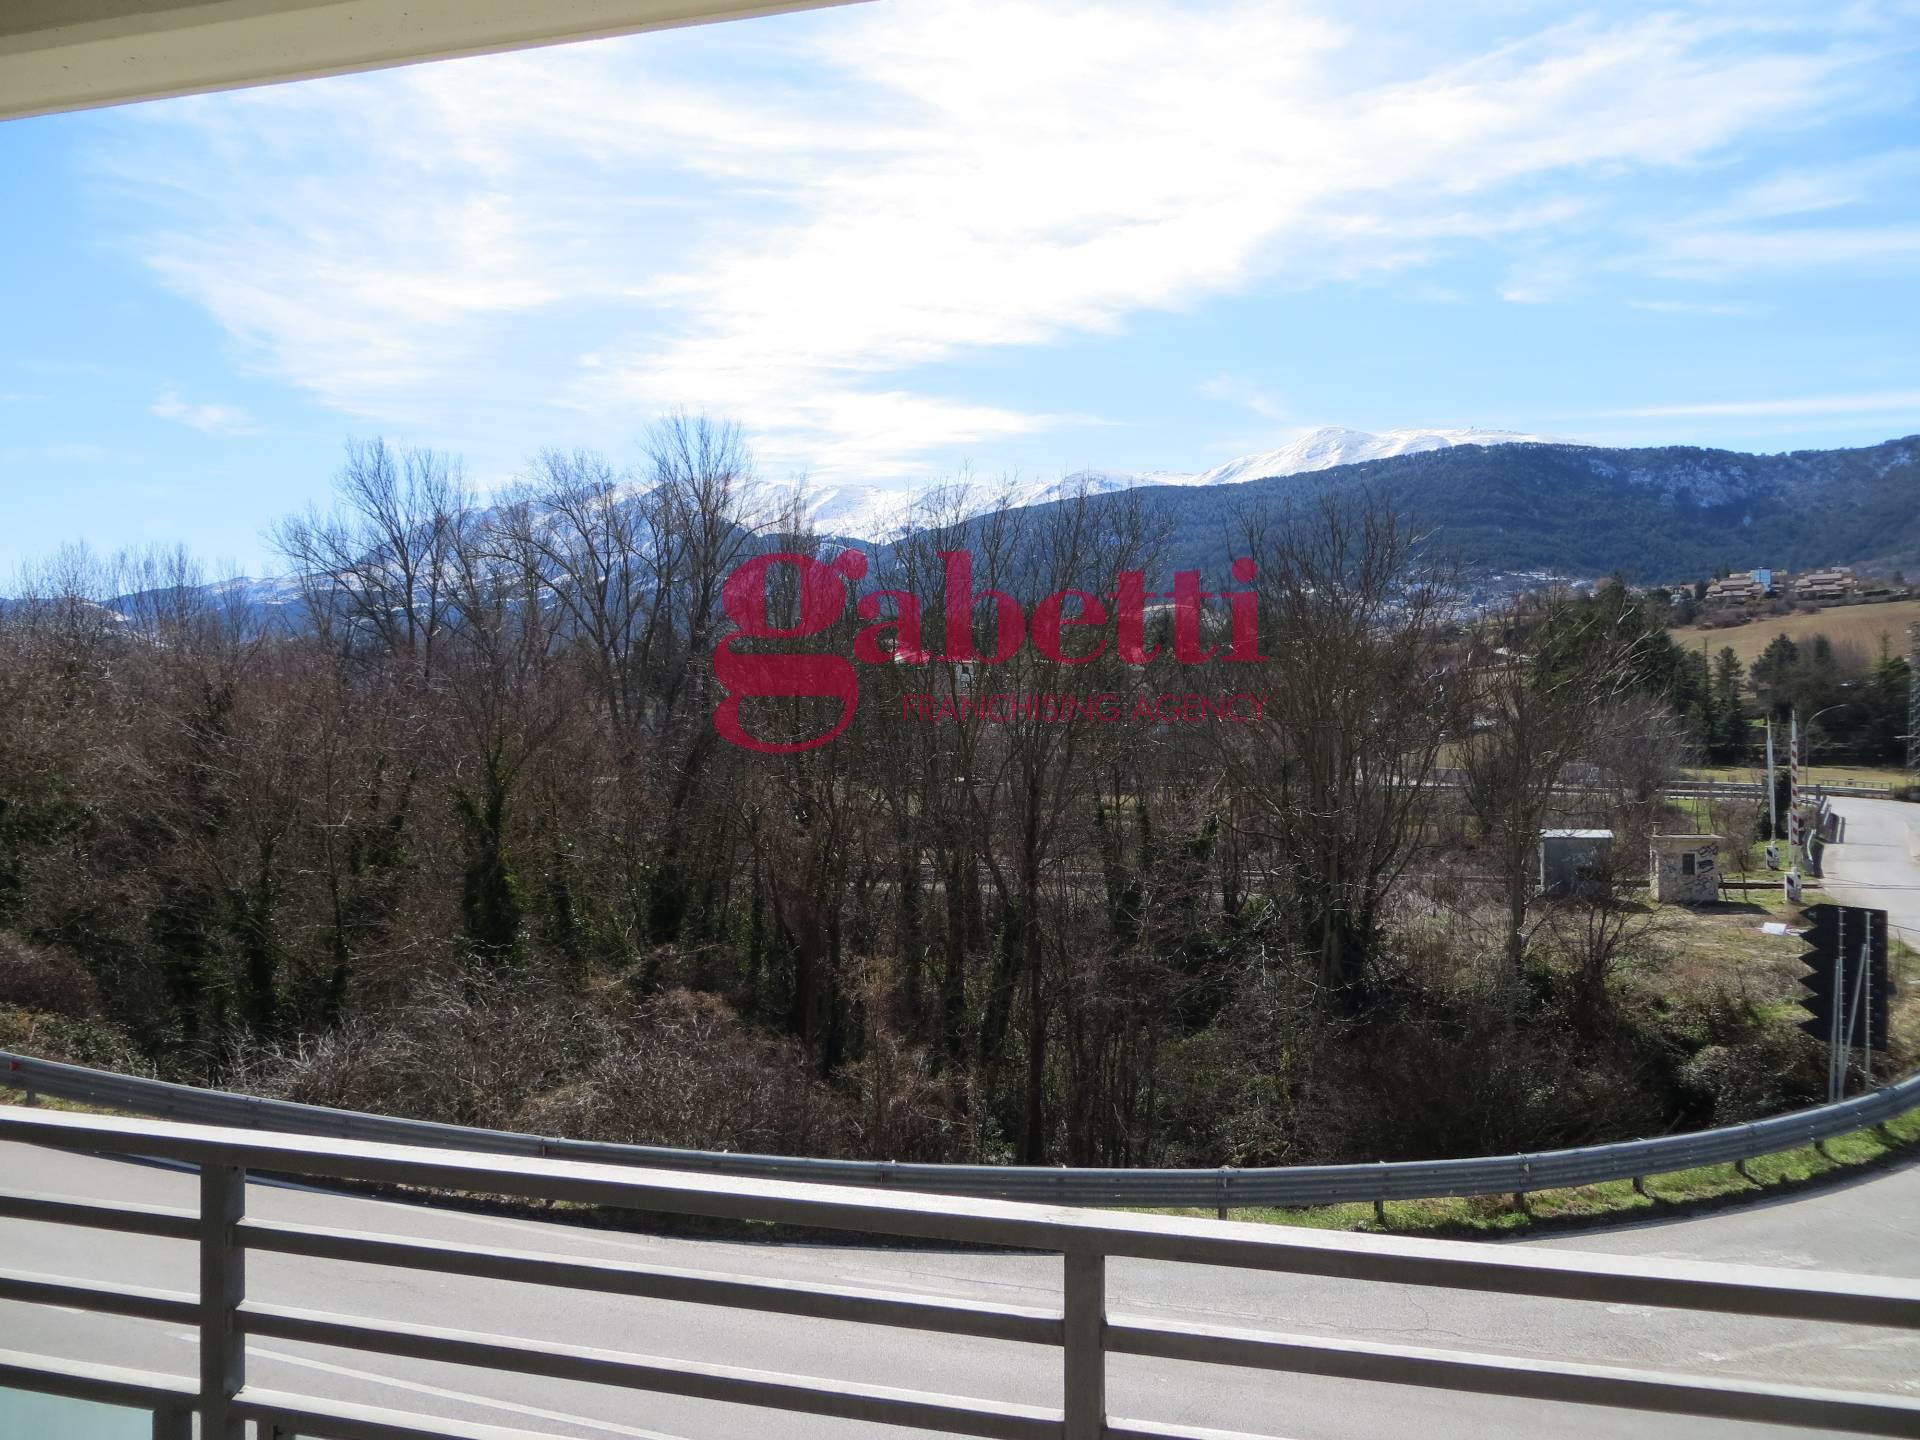 Appartamento in vendita a L'Aquila, 2 locali, zona Località: S.Elia, prezzo € 80.000 | PortaleAgenzieImmobiliari.it